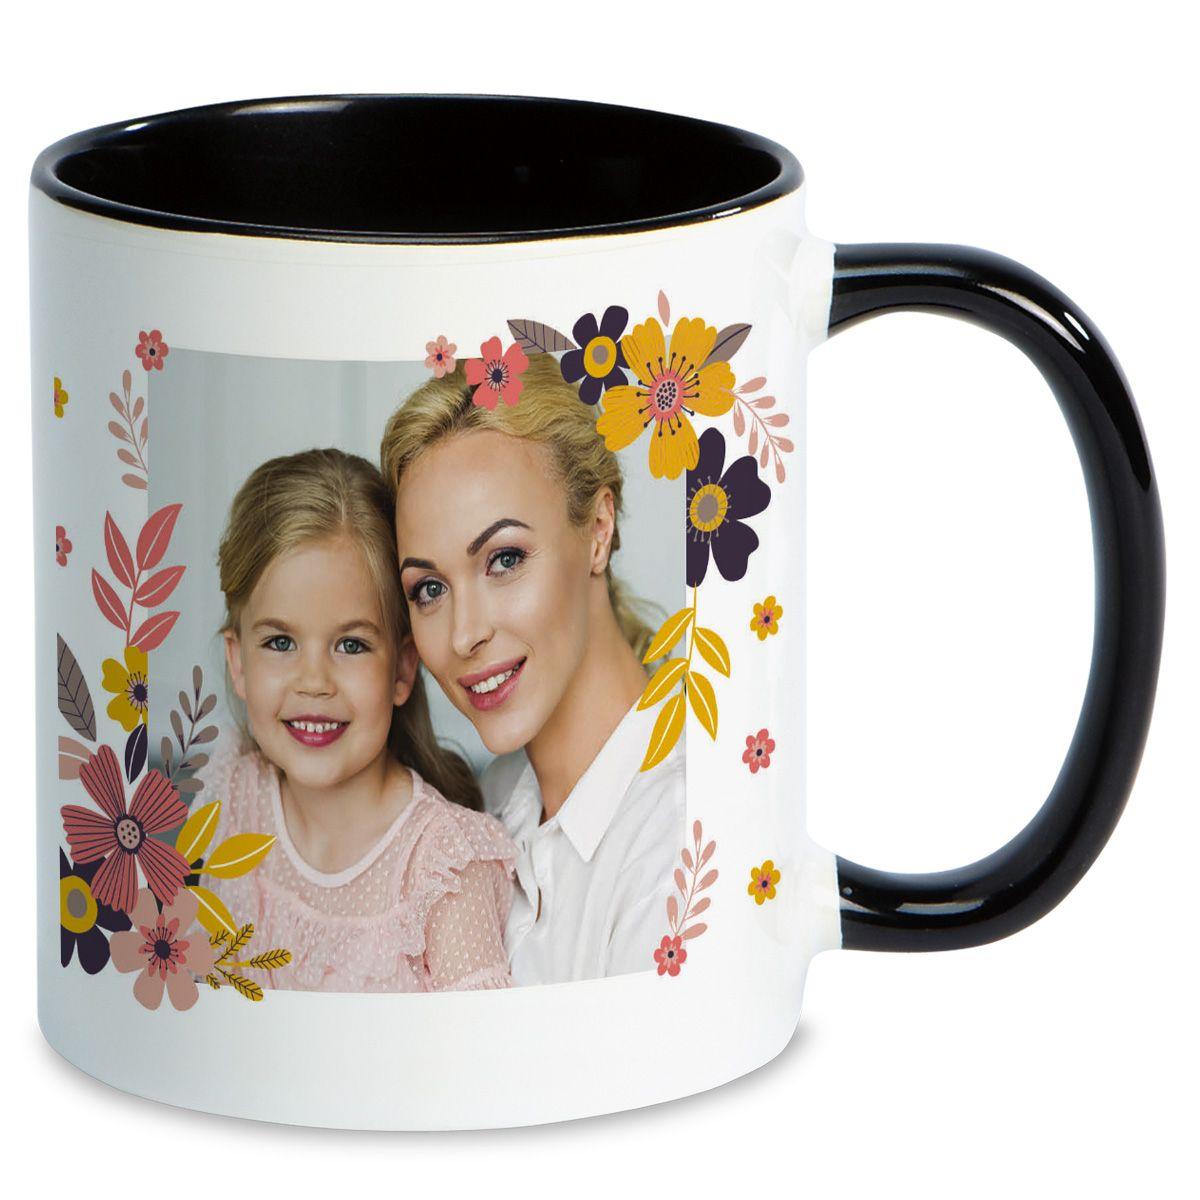 Floral Ceramic Photo Mug